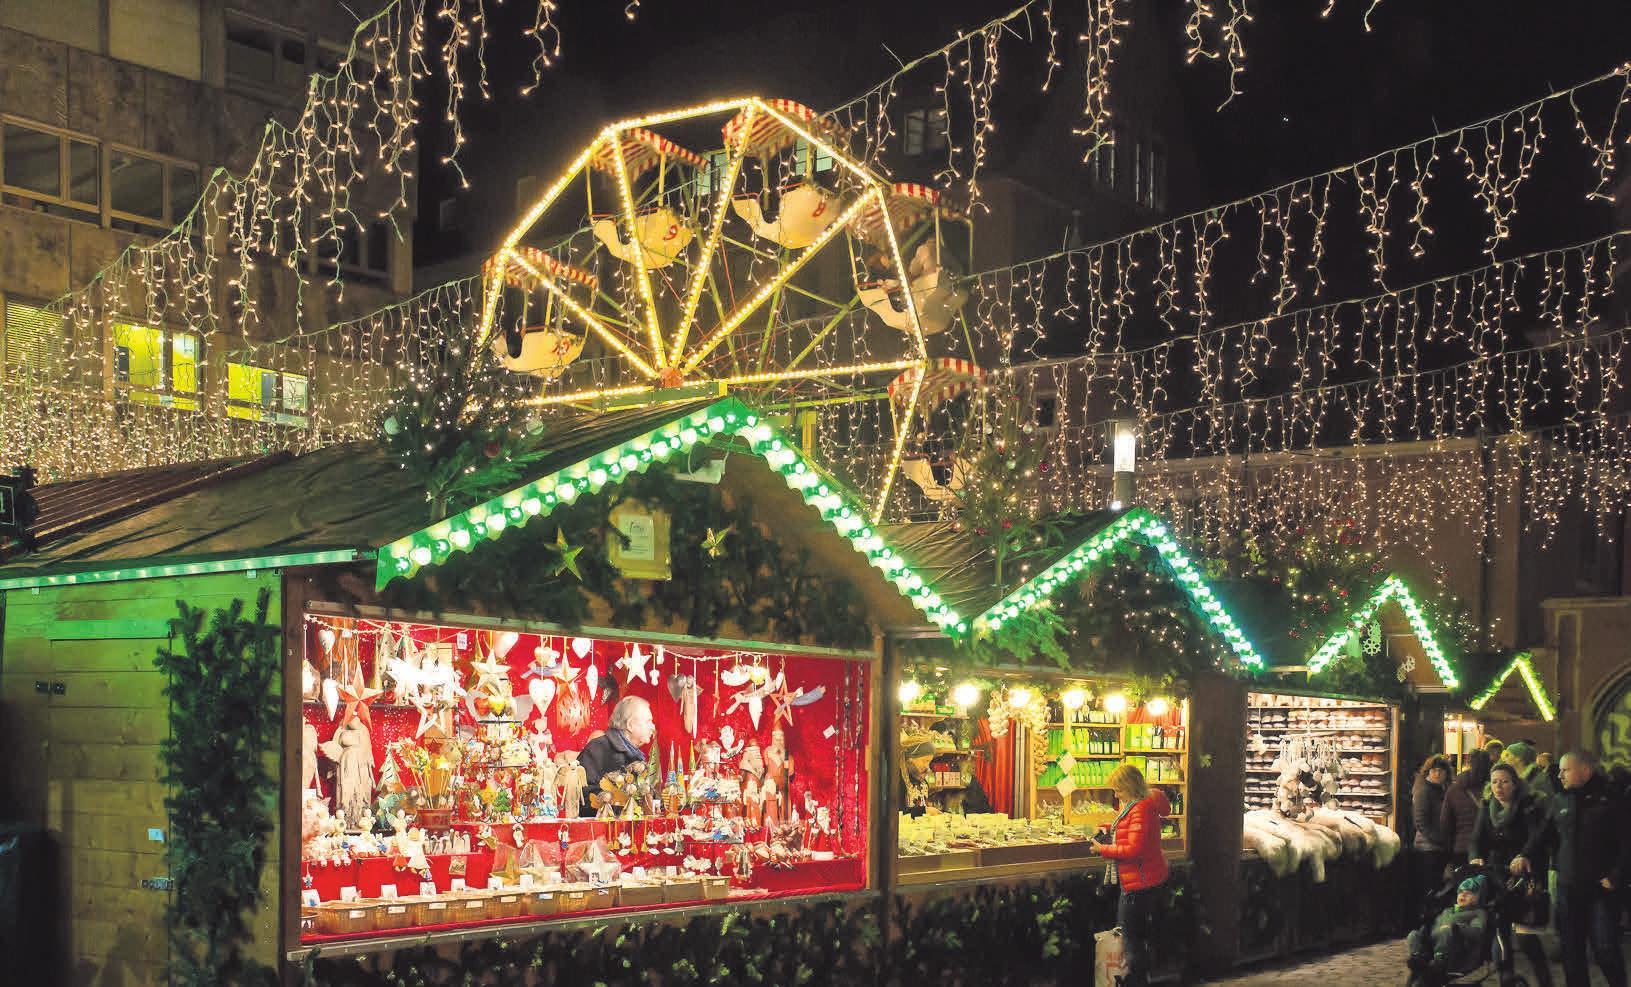 Wer auf Weihnachtsmärkten Geschenke kauft, sollte sich eine Quittung und die Kontaktdaten des Verkäufers geben lassen, rät die Verbraucherzentrale Brandenburg. FOTO:PIXABAY